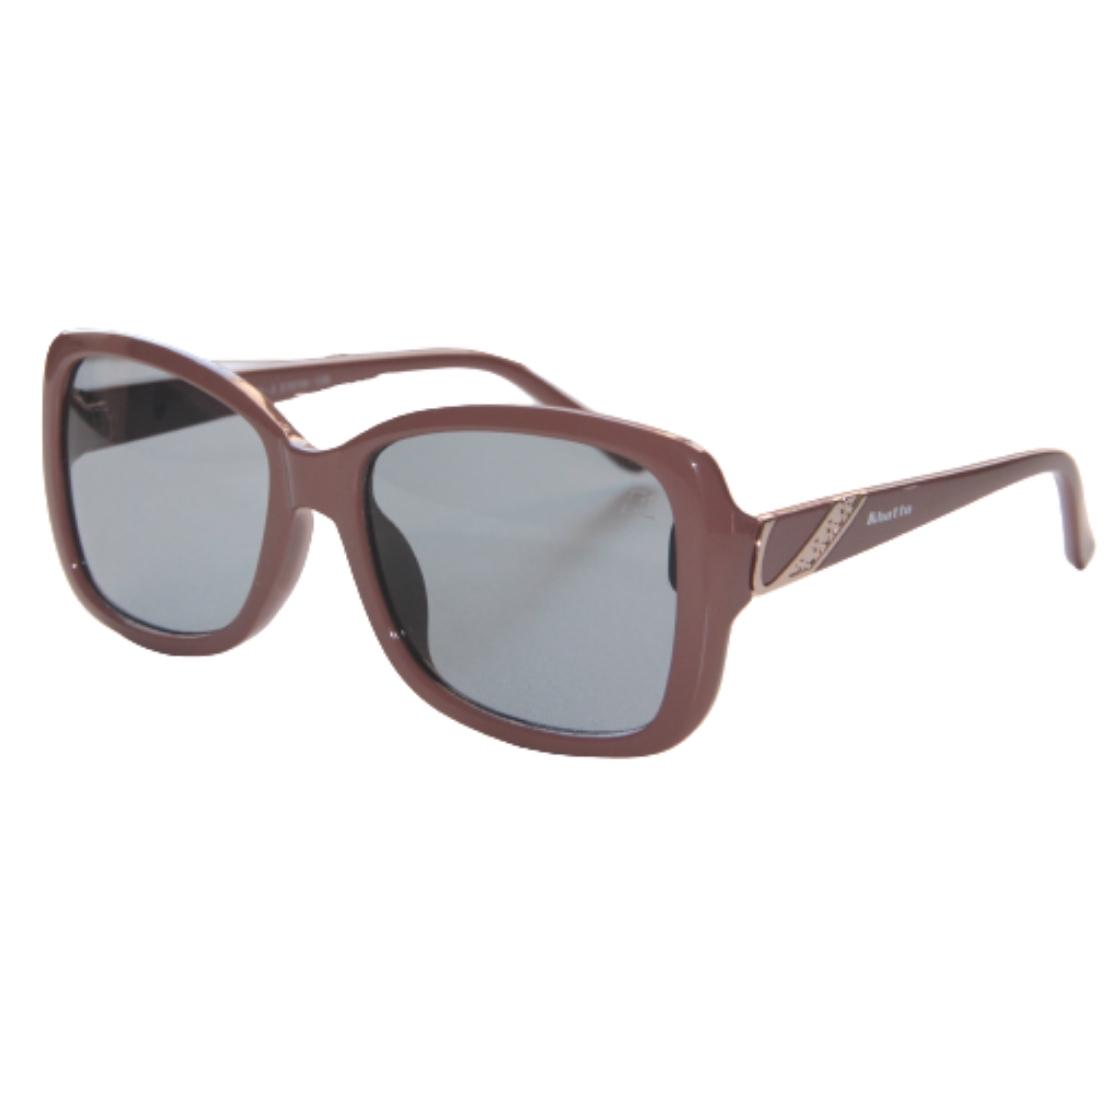 Óculos de Sol Khatto Retrô Chocolate Italiano - PU